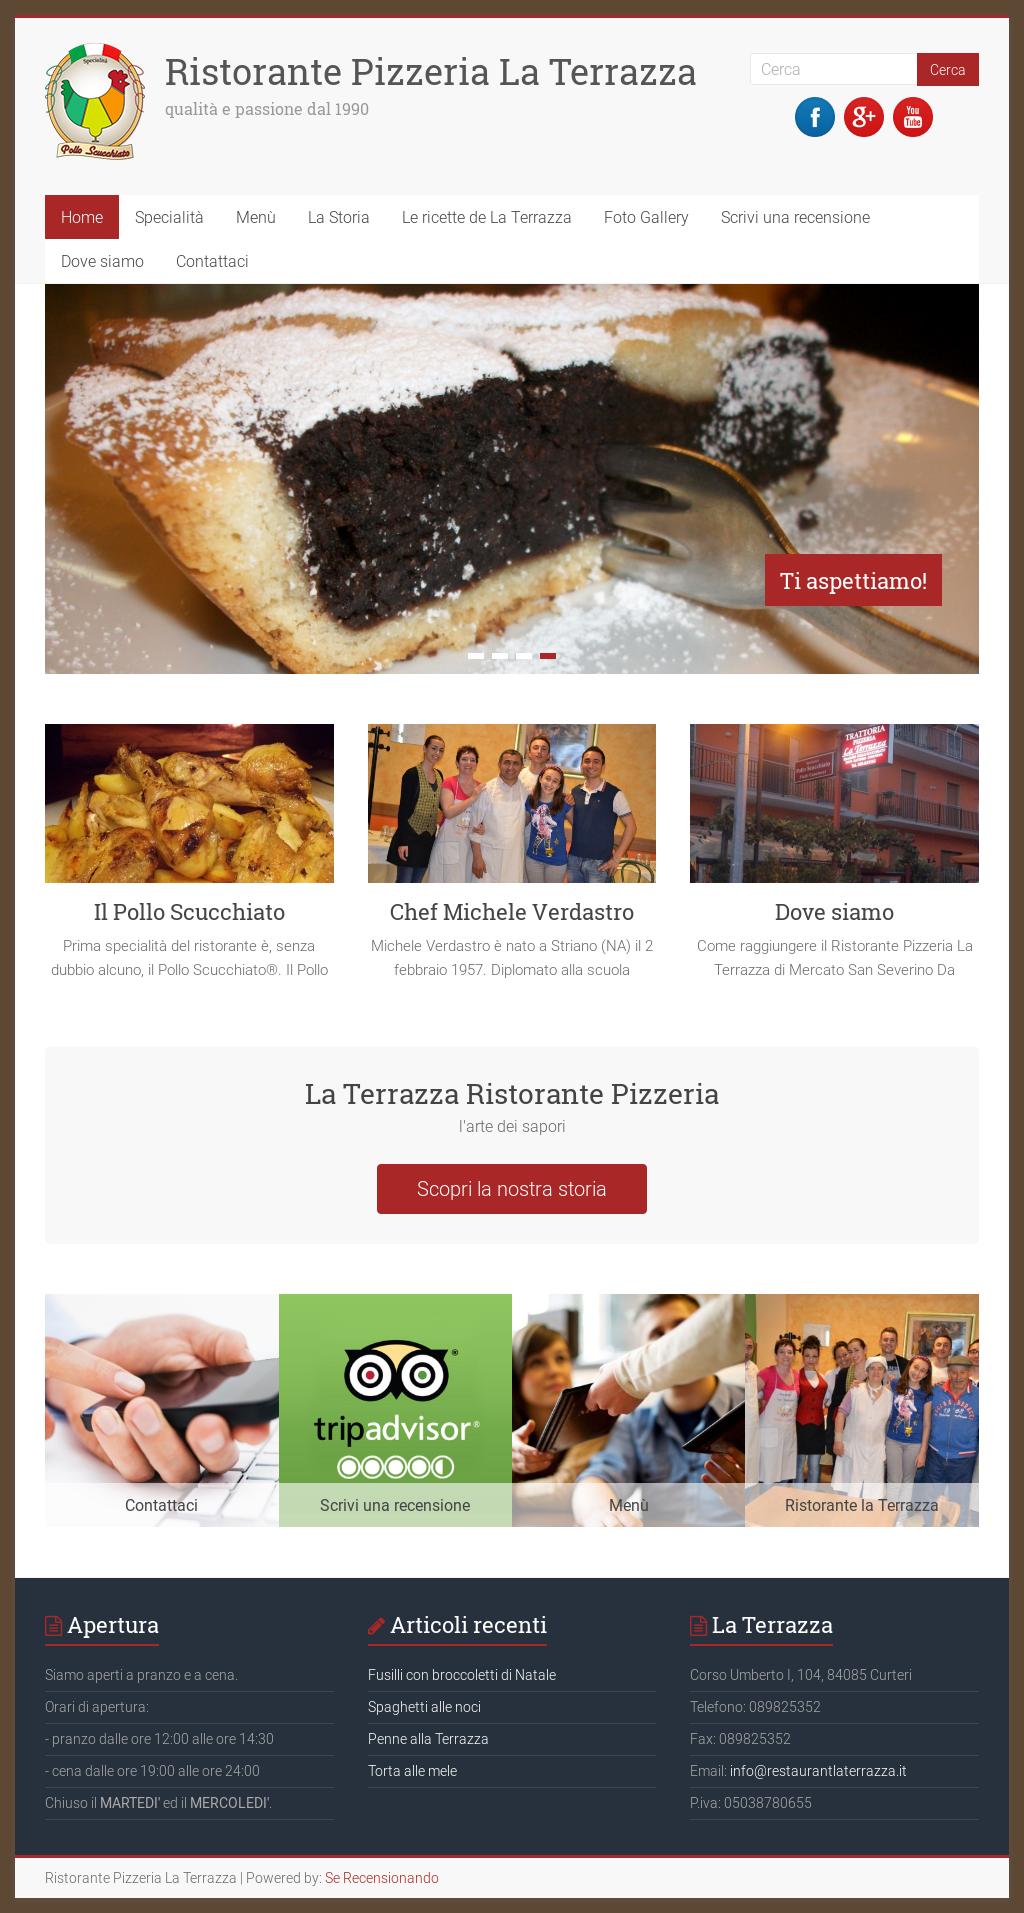 La Terrazza Ristorante Pizzeria Competitors, Revenue and Employees ...